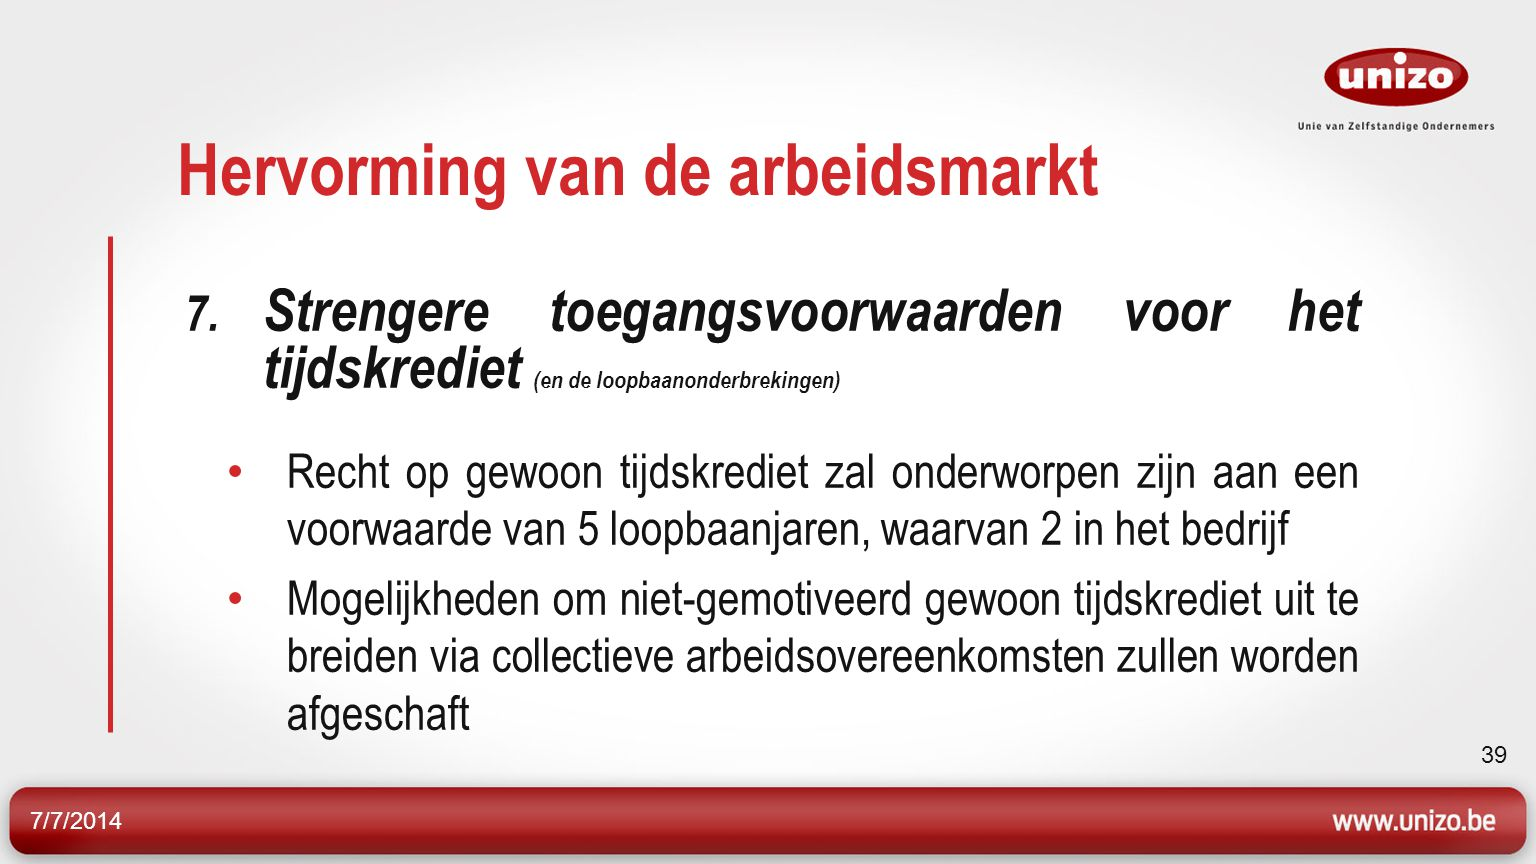 7/7/2014 40 Hervorming van de arbeidsmarkt 7.